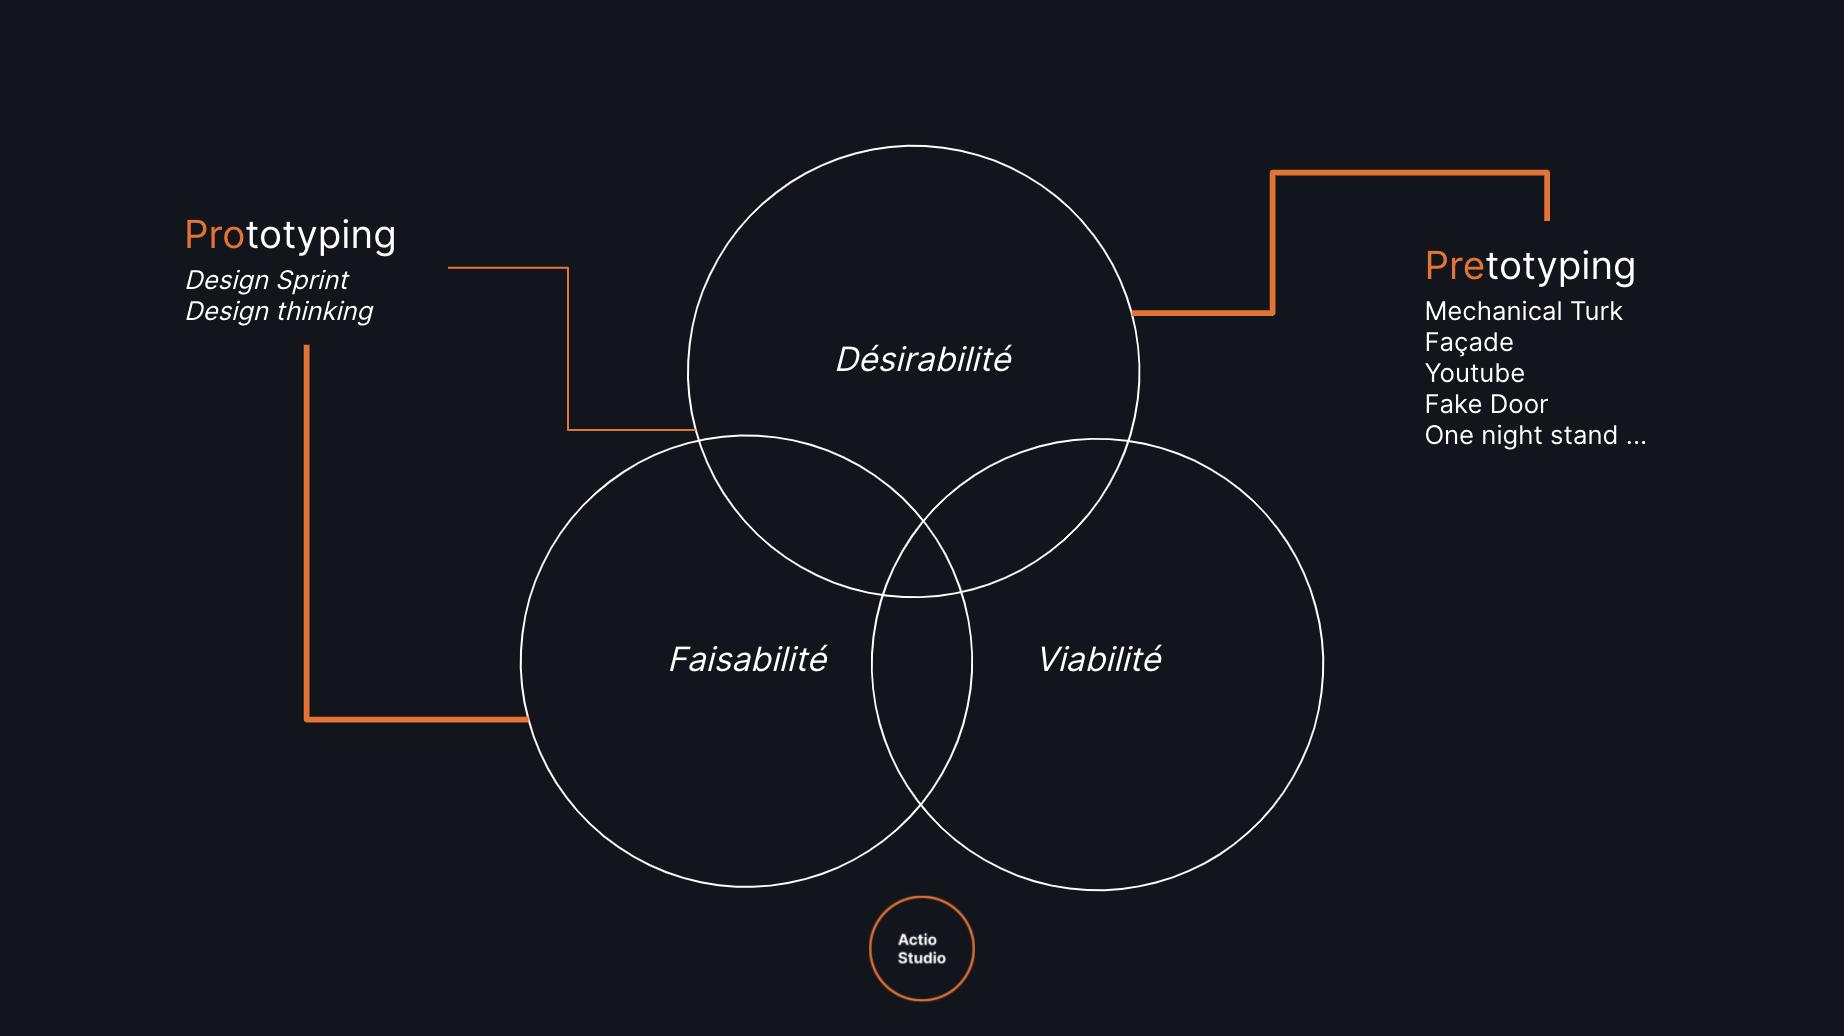 Le pretotyping vous aide à définir si votre produit ou service est désirable.